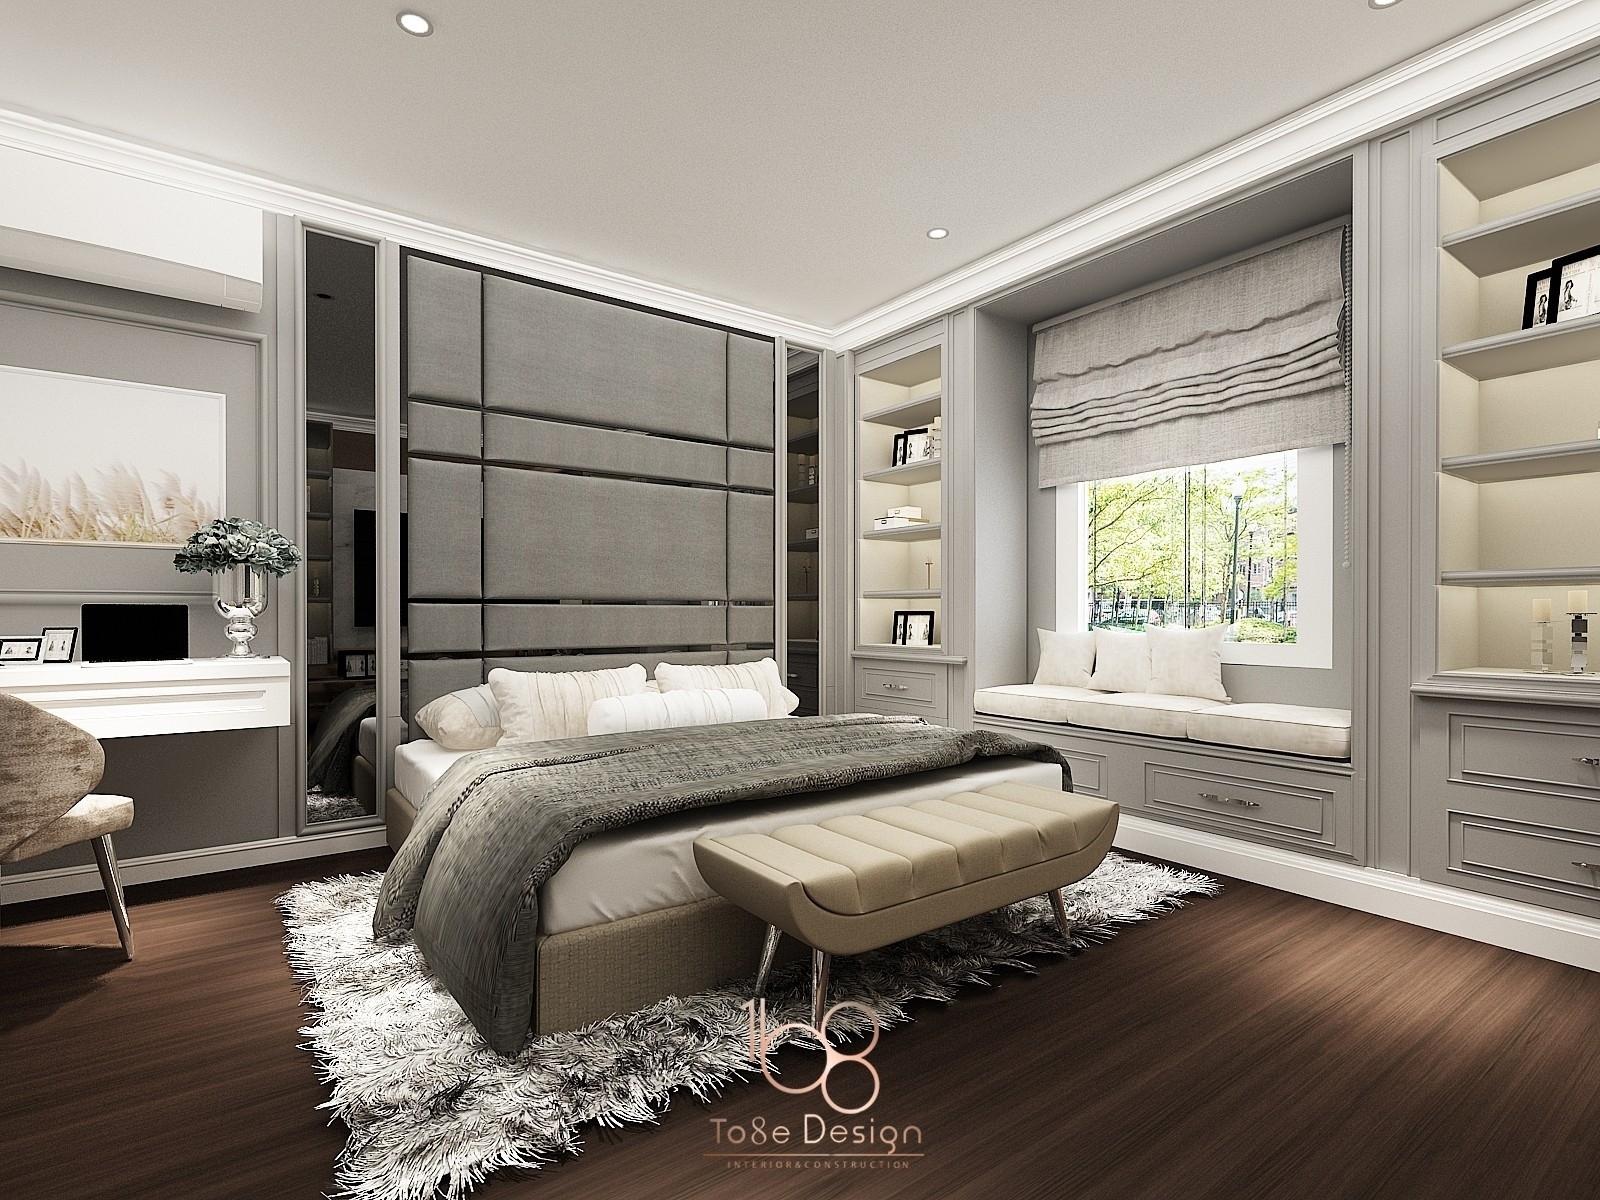 บริษัทรับออกแบบตกแต่งภายใน-ห้องนอน